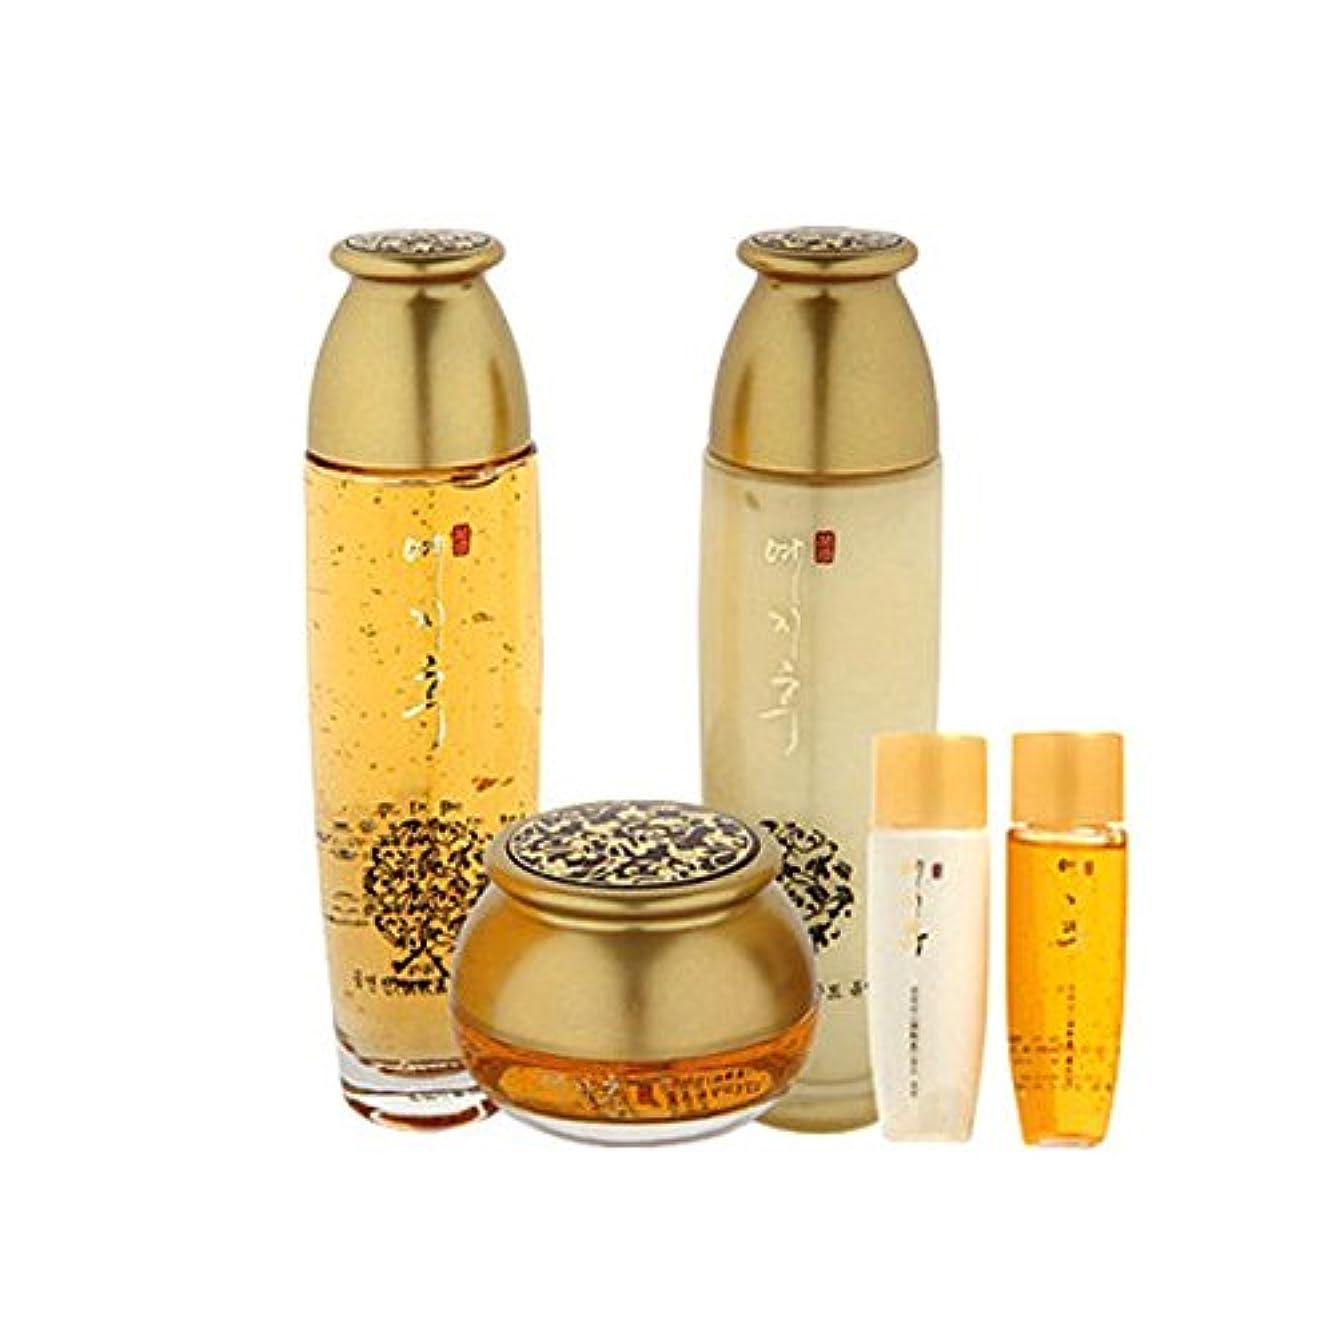 燃料隠されたシュリンク[韓国コスメYEZIHU]99.9% Pure Gold Skin Care Set 99.9%ピュアゴールド漢方スキンケア3セット樹液/乳液/クリーム [並行輸入品]